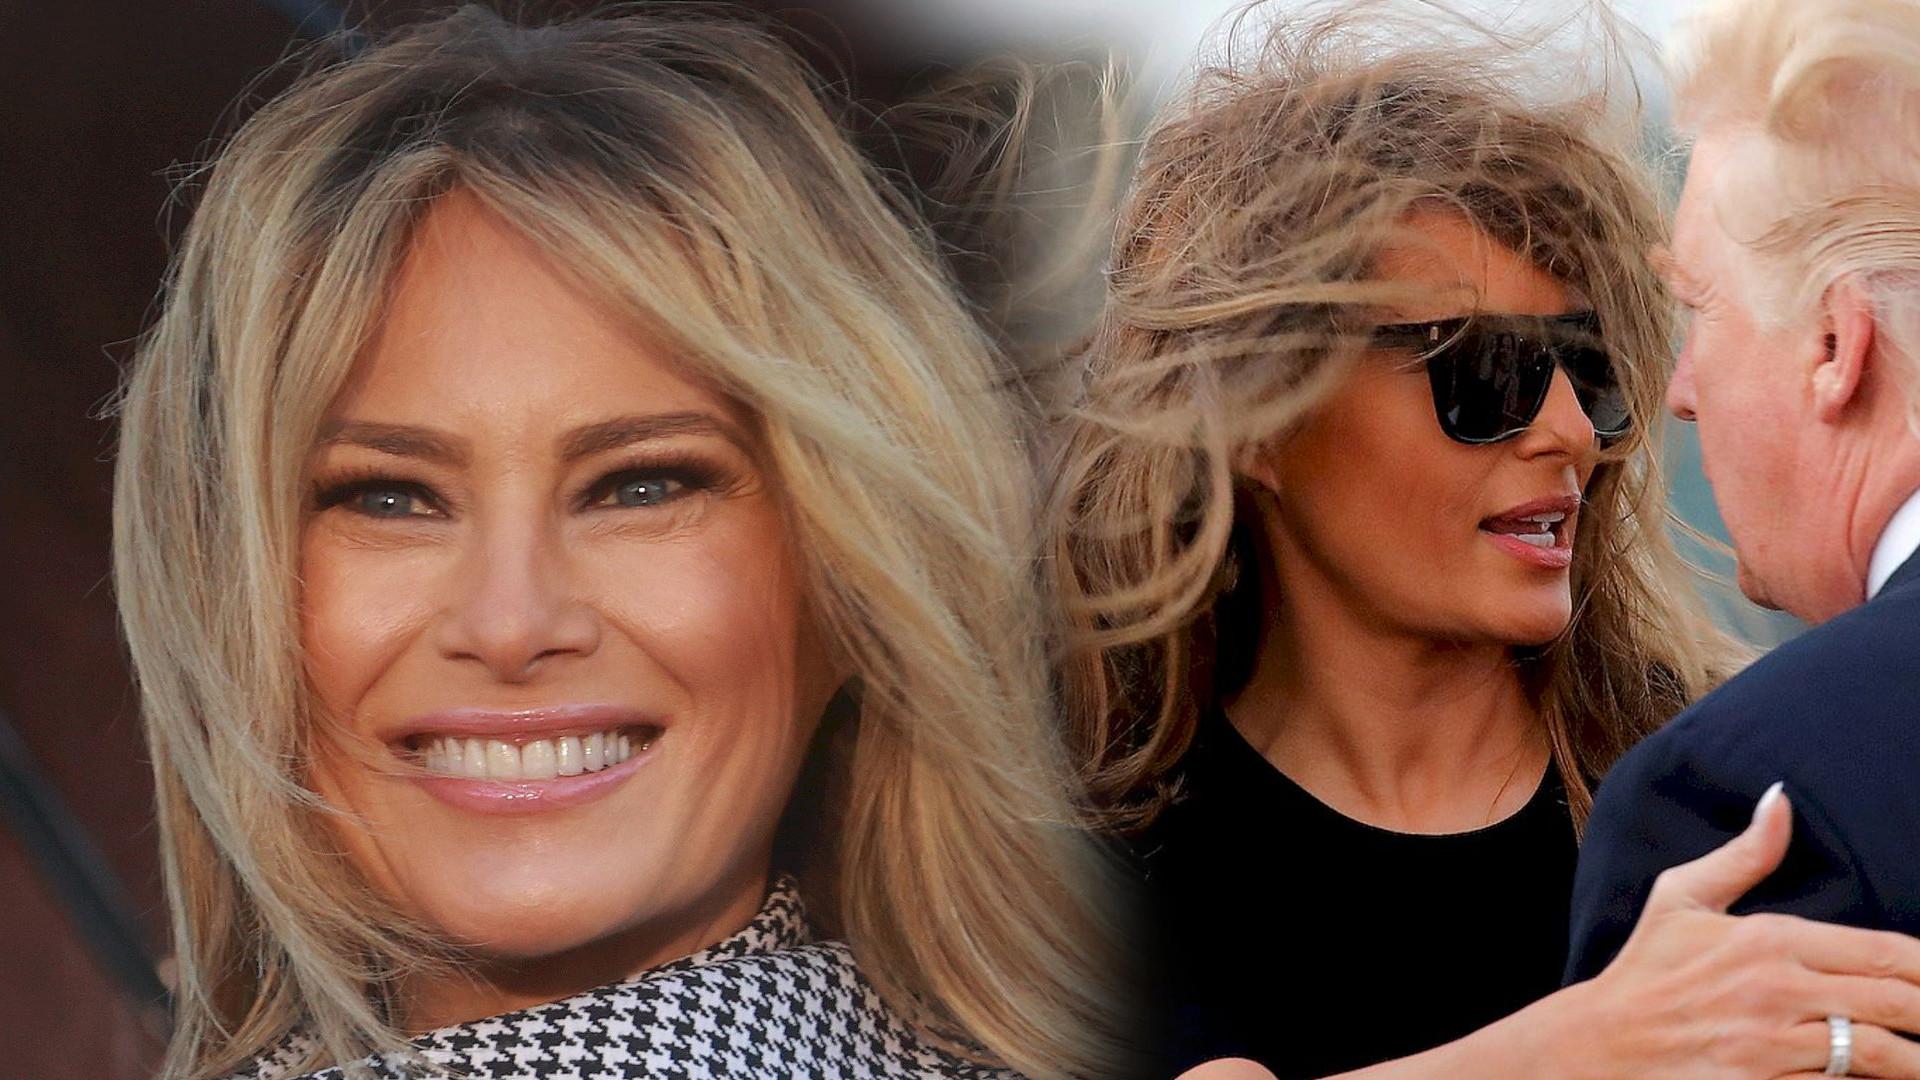 Przyjaciółka Melanii Trump zdradza zaskakującą PRAWDĘ o jej relacji z mężem